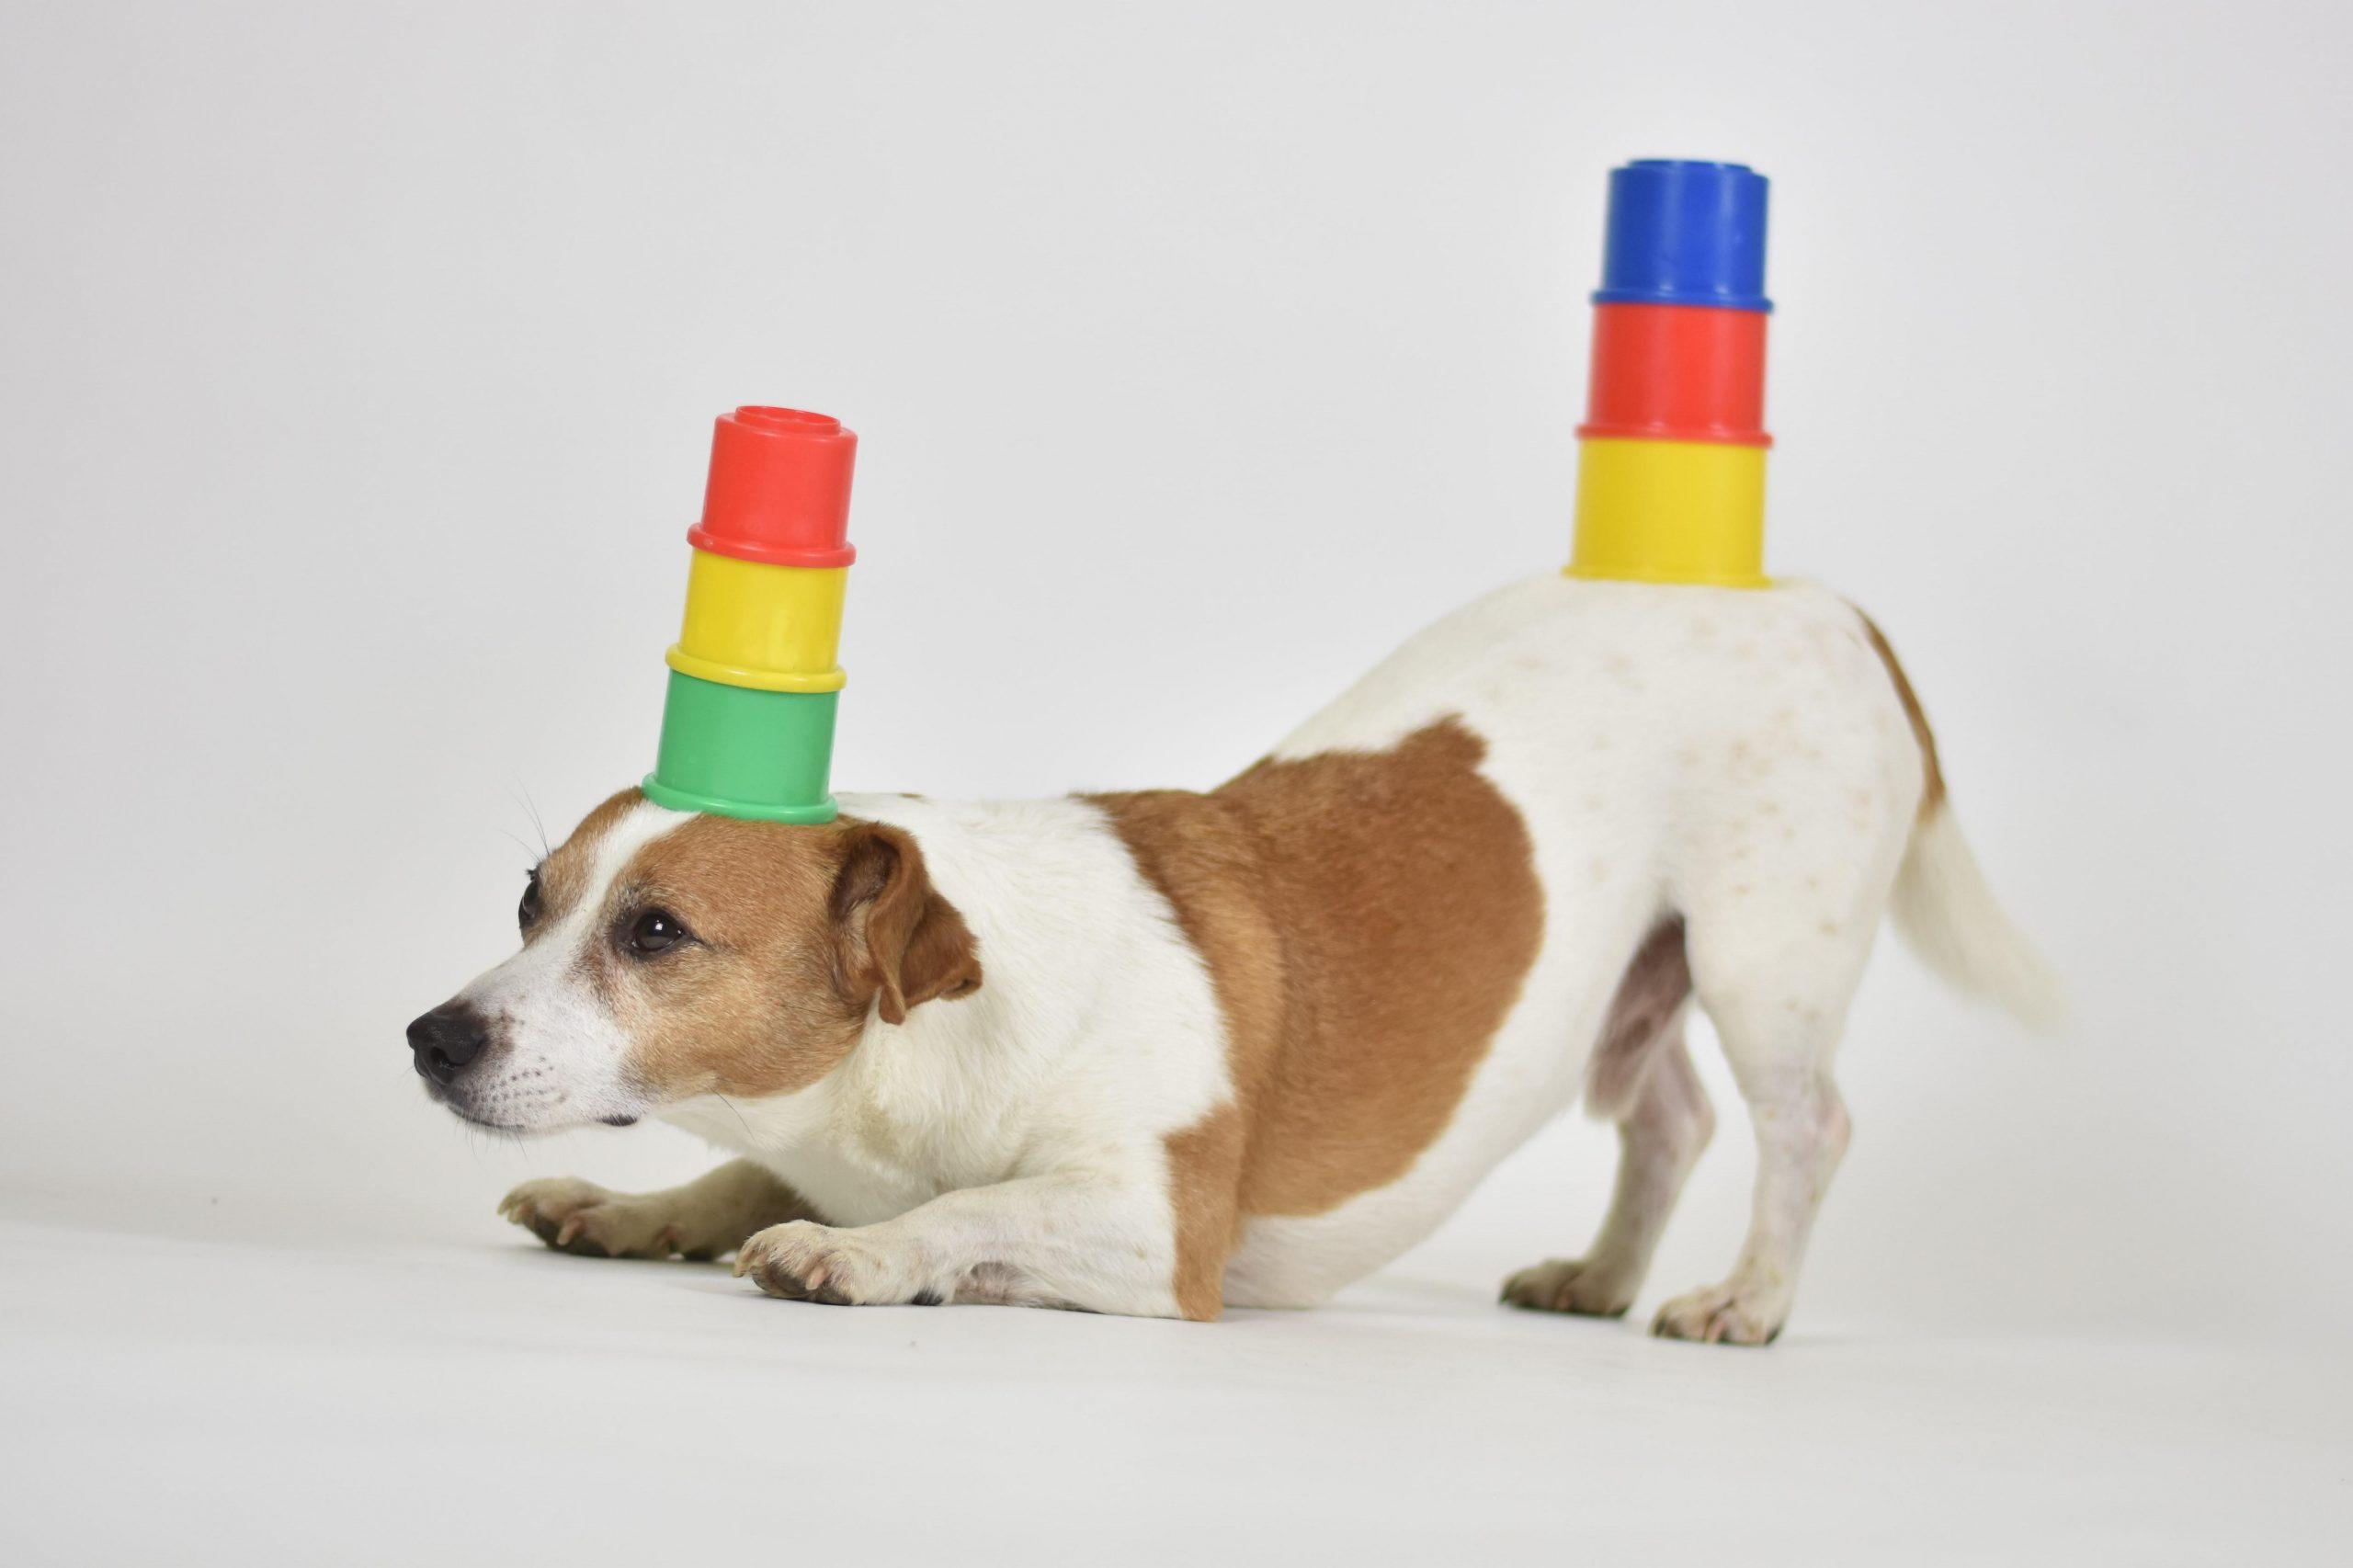 """""""Mein Hund"""" – das Hundeevent """"DogRecord"""" auf Messe für Hundefreunde am 15./16.2. in Straubing"""